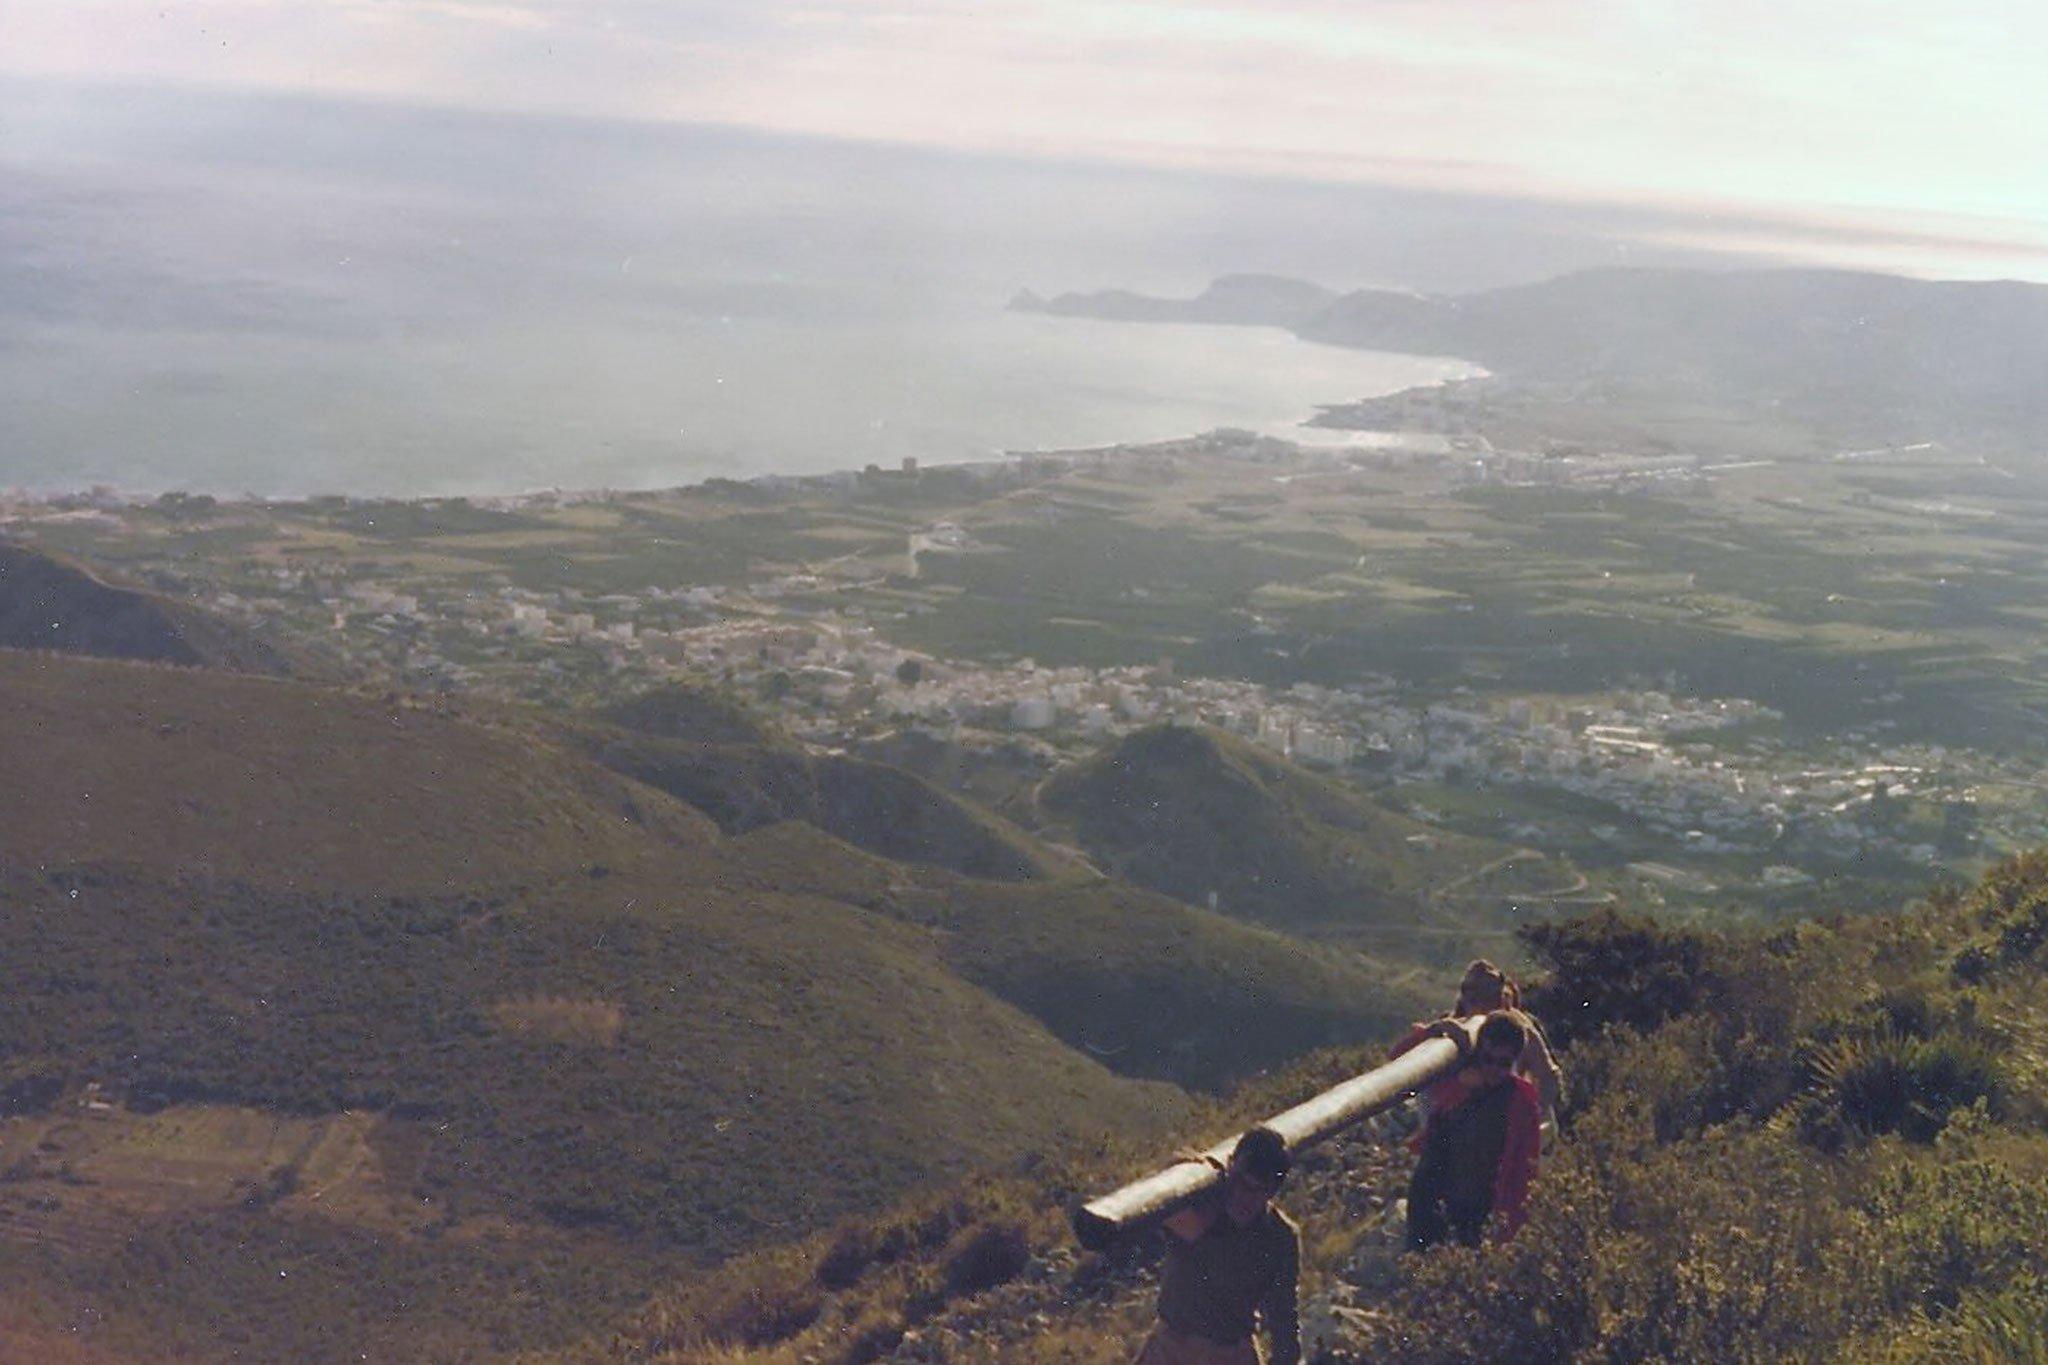 Subida al Montgó de la primera Creu de Xàbia, con la bahía al fondo (Fuente: Centre Excursionista de Xàbia)